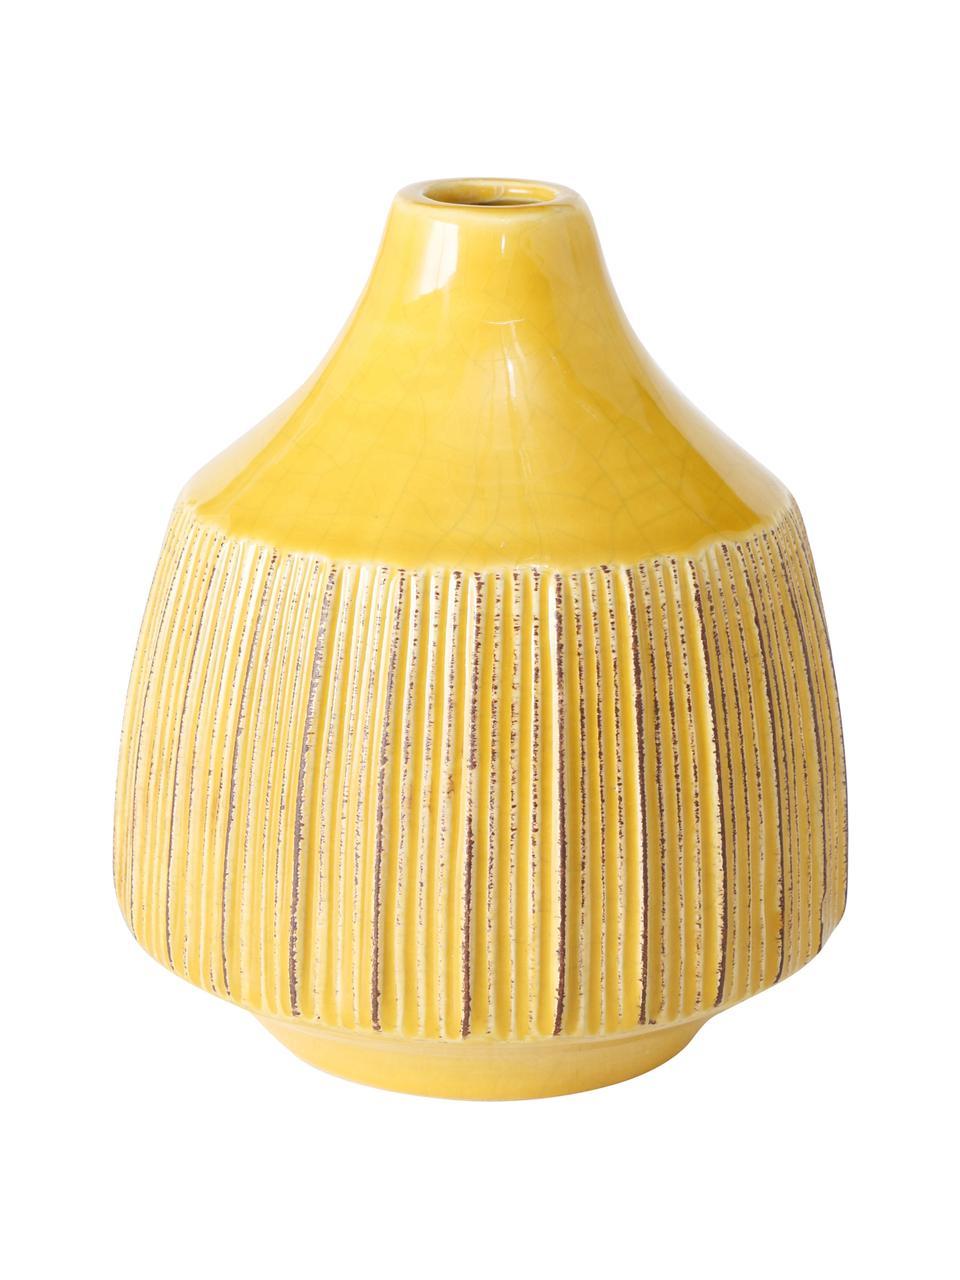 Vaso decorativo in gres Menos, Gres, Giallo, Ø 12 x Alt. 14 cm